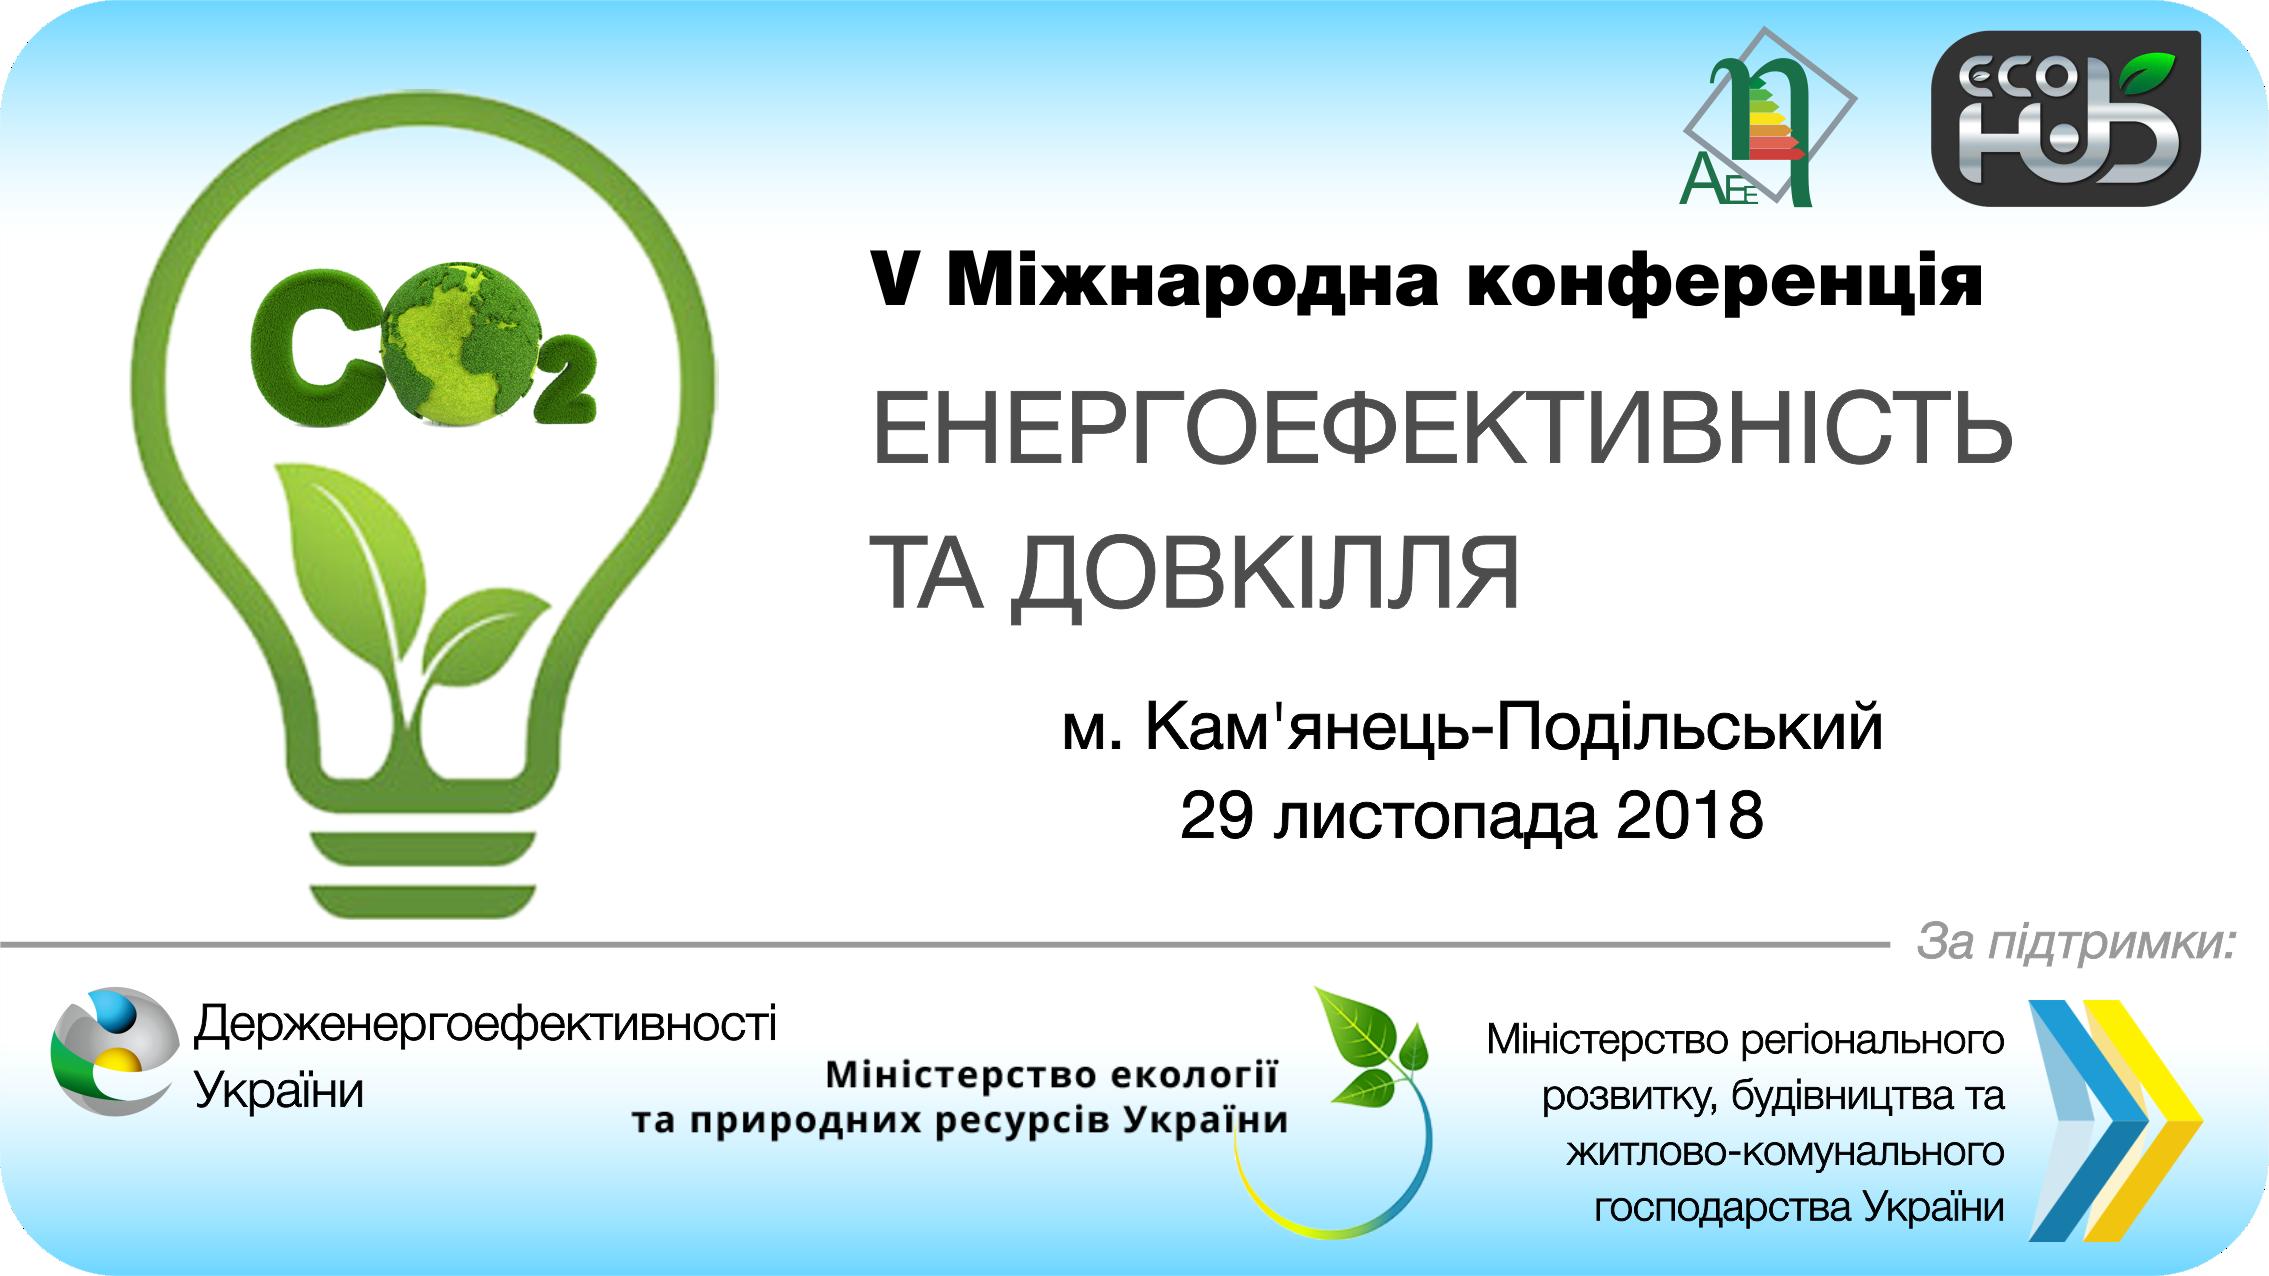 """V Міжнародна конференція """"Енергоефективність та Довкілля 2018″"""